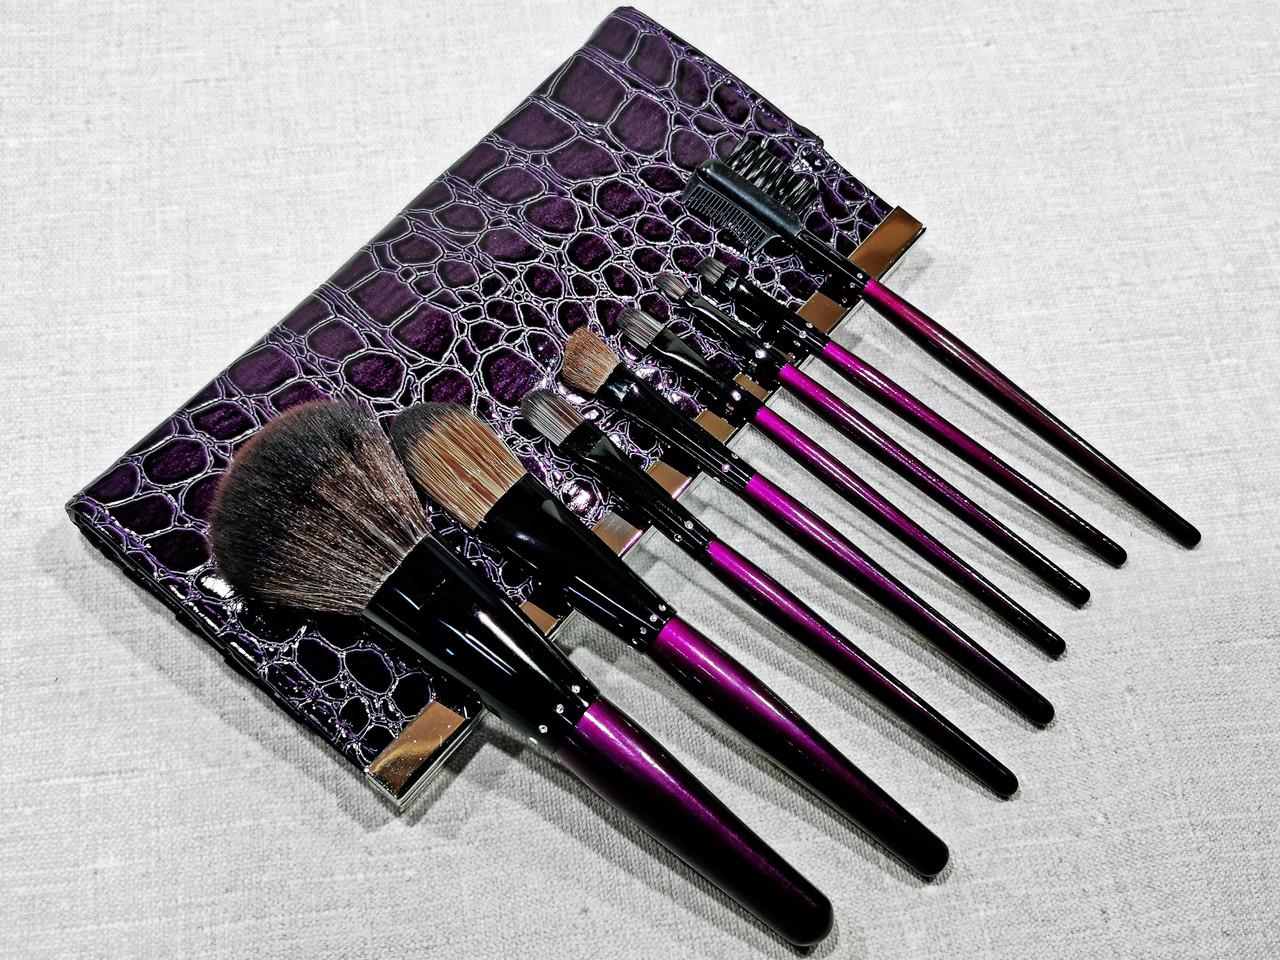 Косметика для профессионального макияжа купить в минске набор косметики где купить